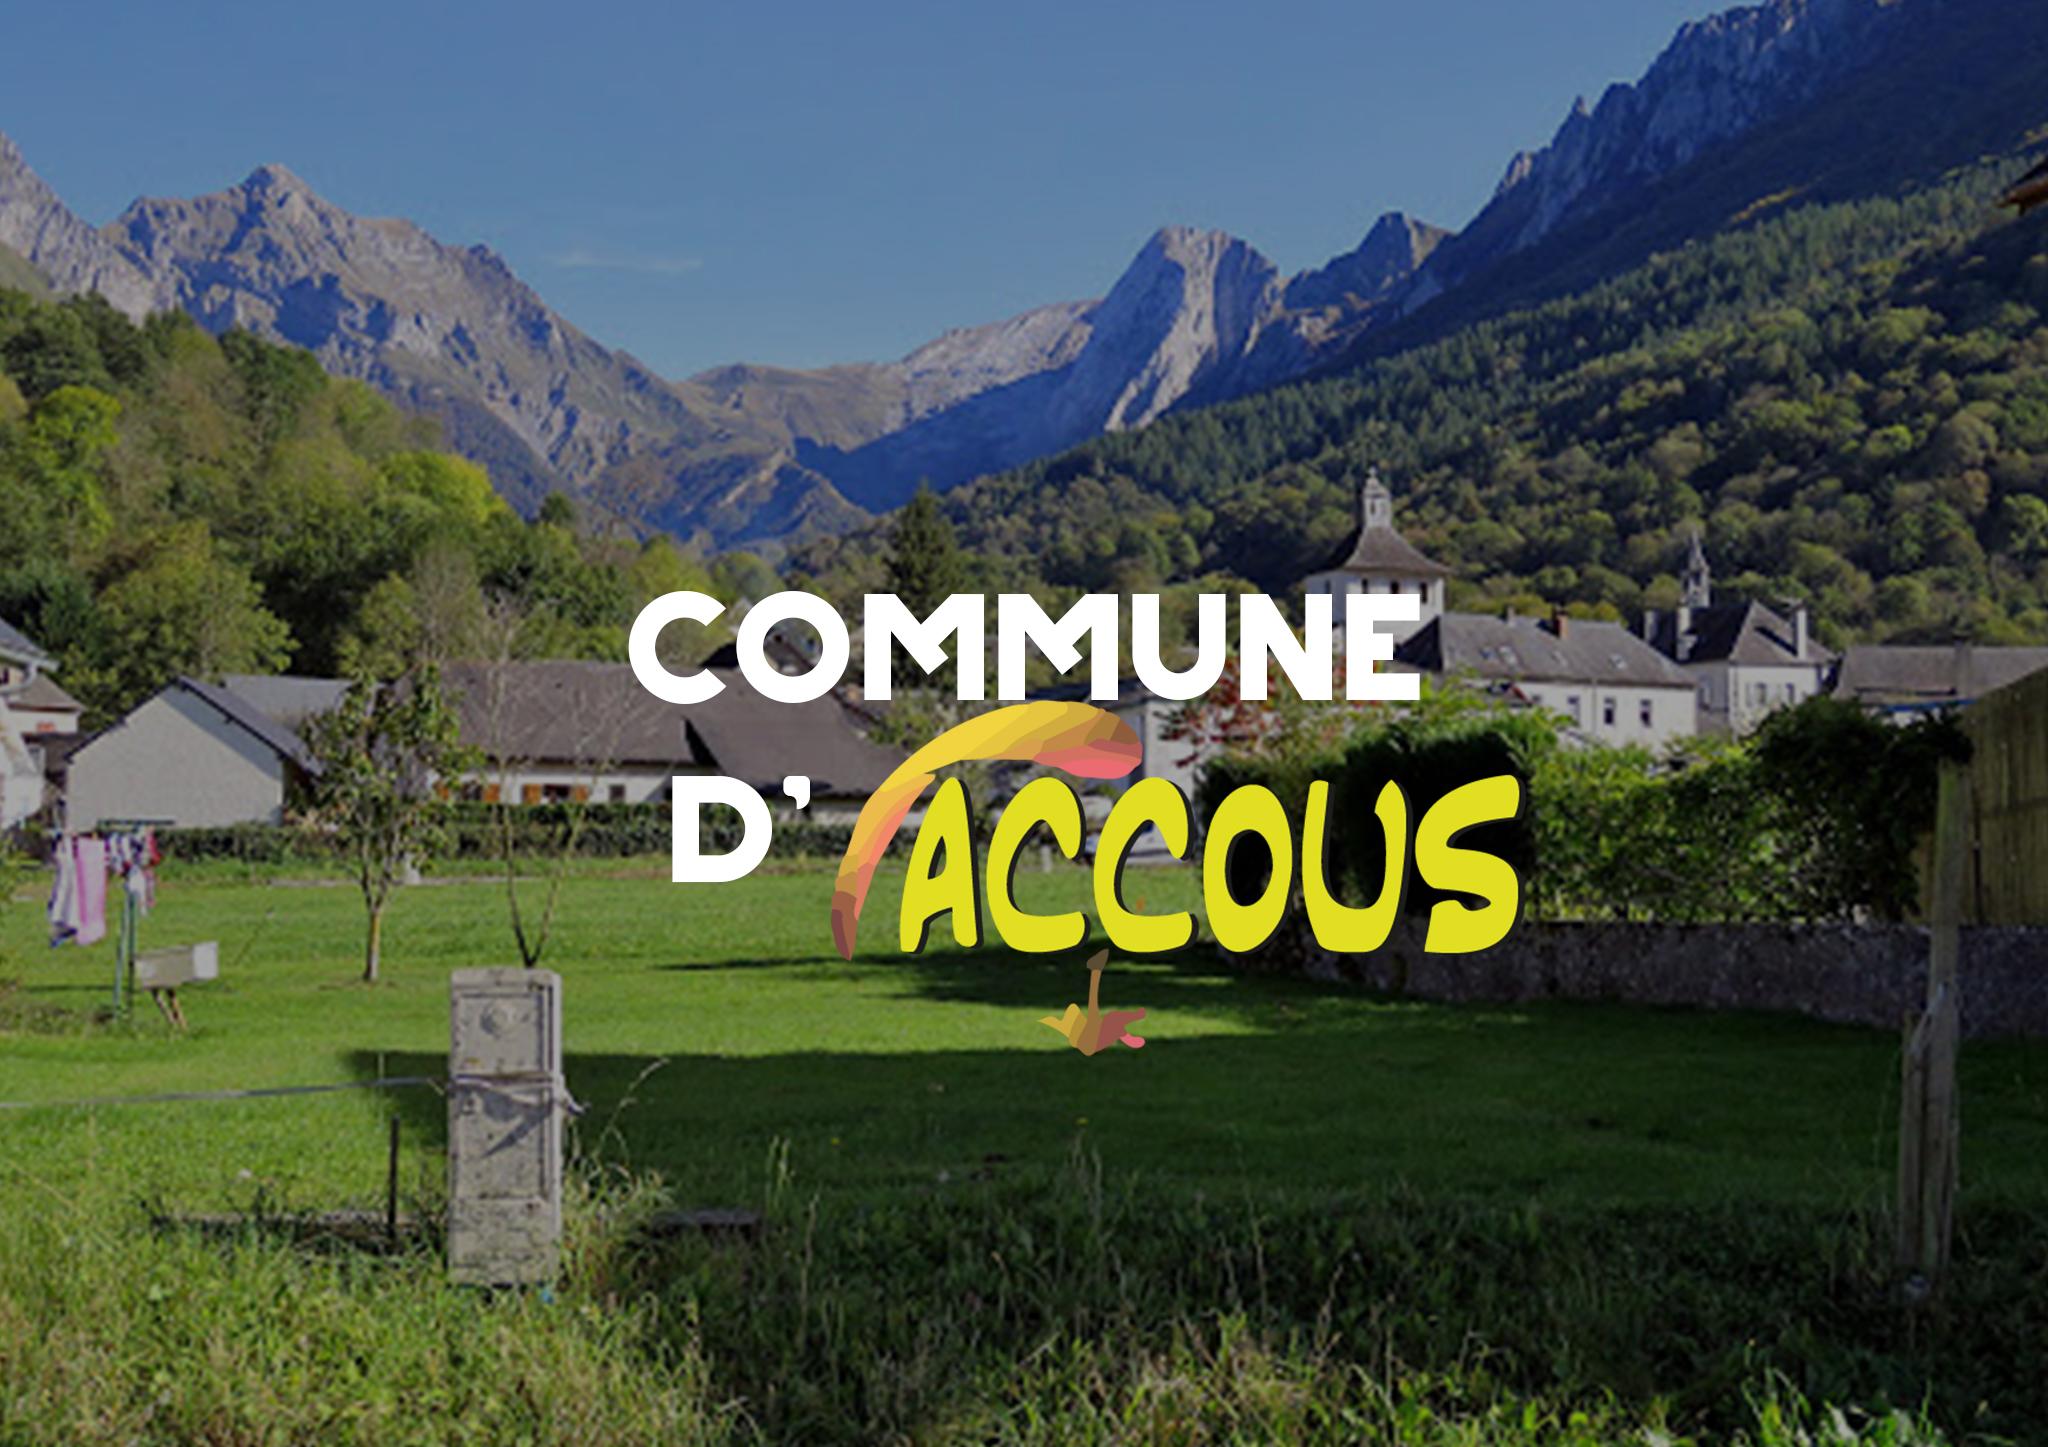 Accous